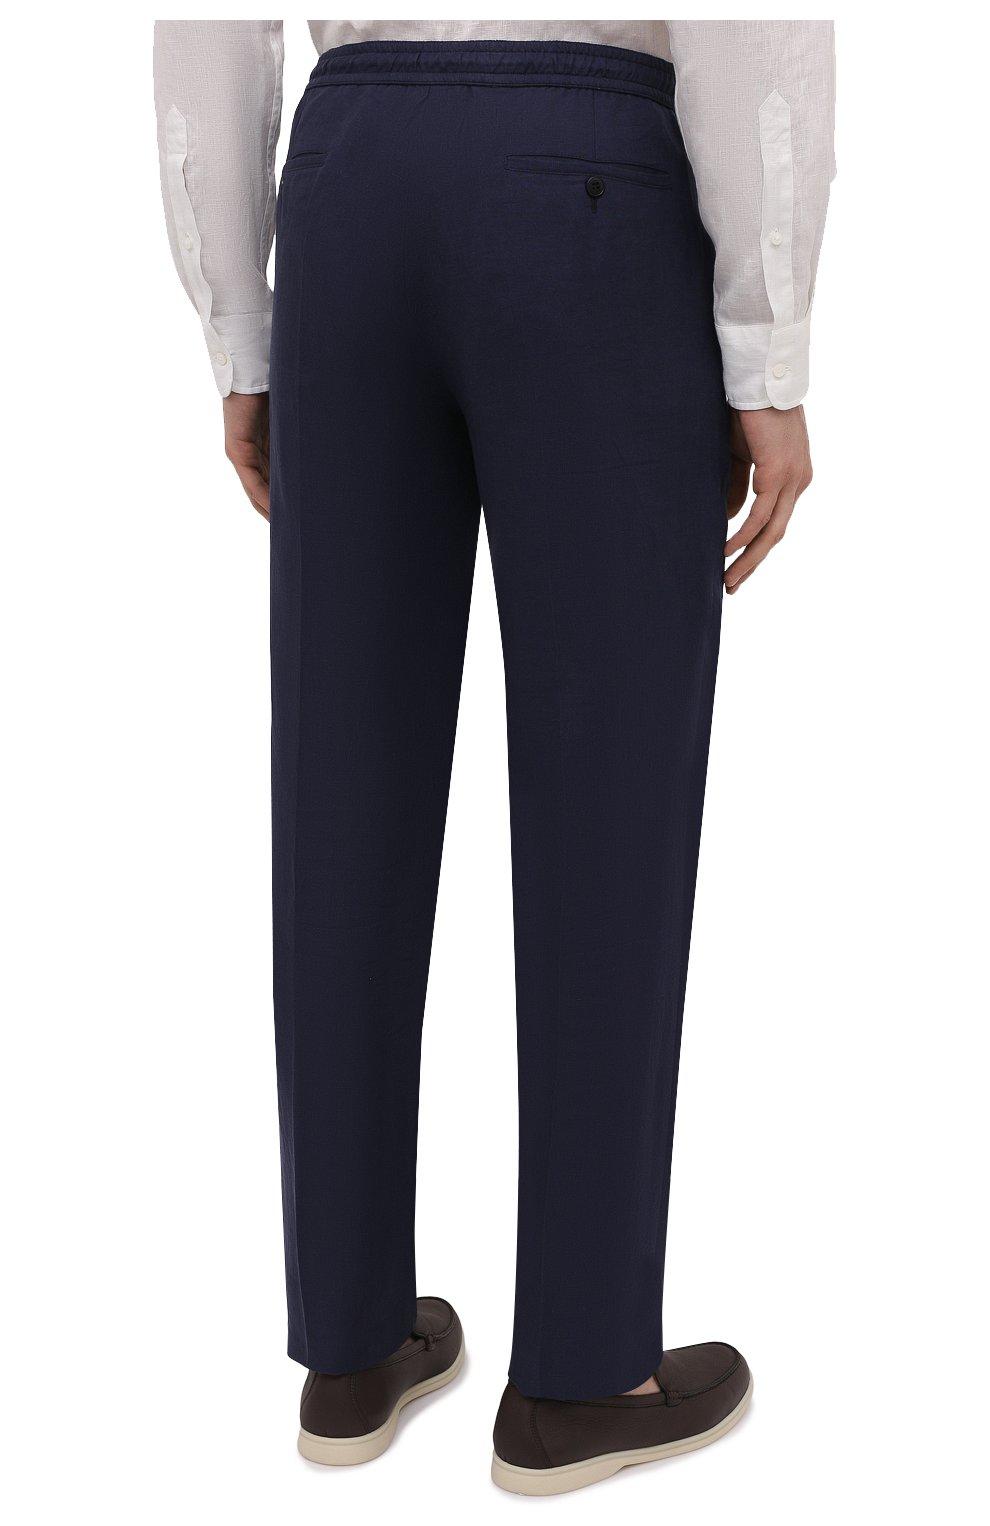 Мужские льняные брюки BRIONI темно-синего цвета, арт. RPMJ0M/P6114/NEW JAMAICA   Фото 4 (Длина (брюки, джинсы): Стандартные; Случай: Повседневный; Материал внешний: Лен; Стили: Кэжуэл)